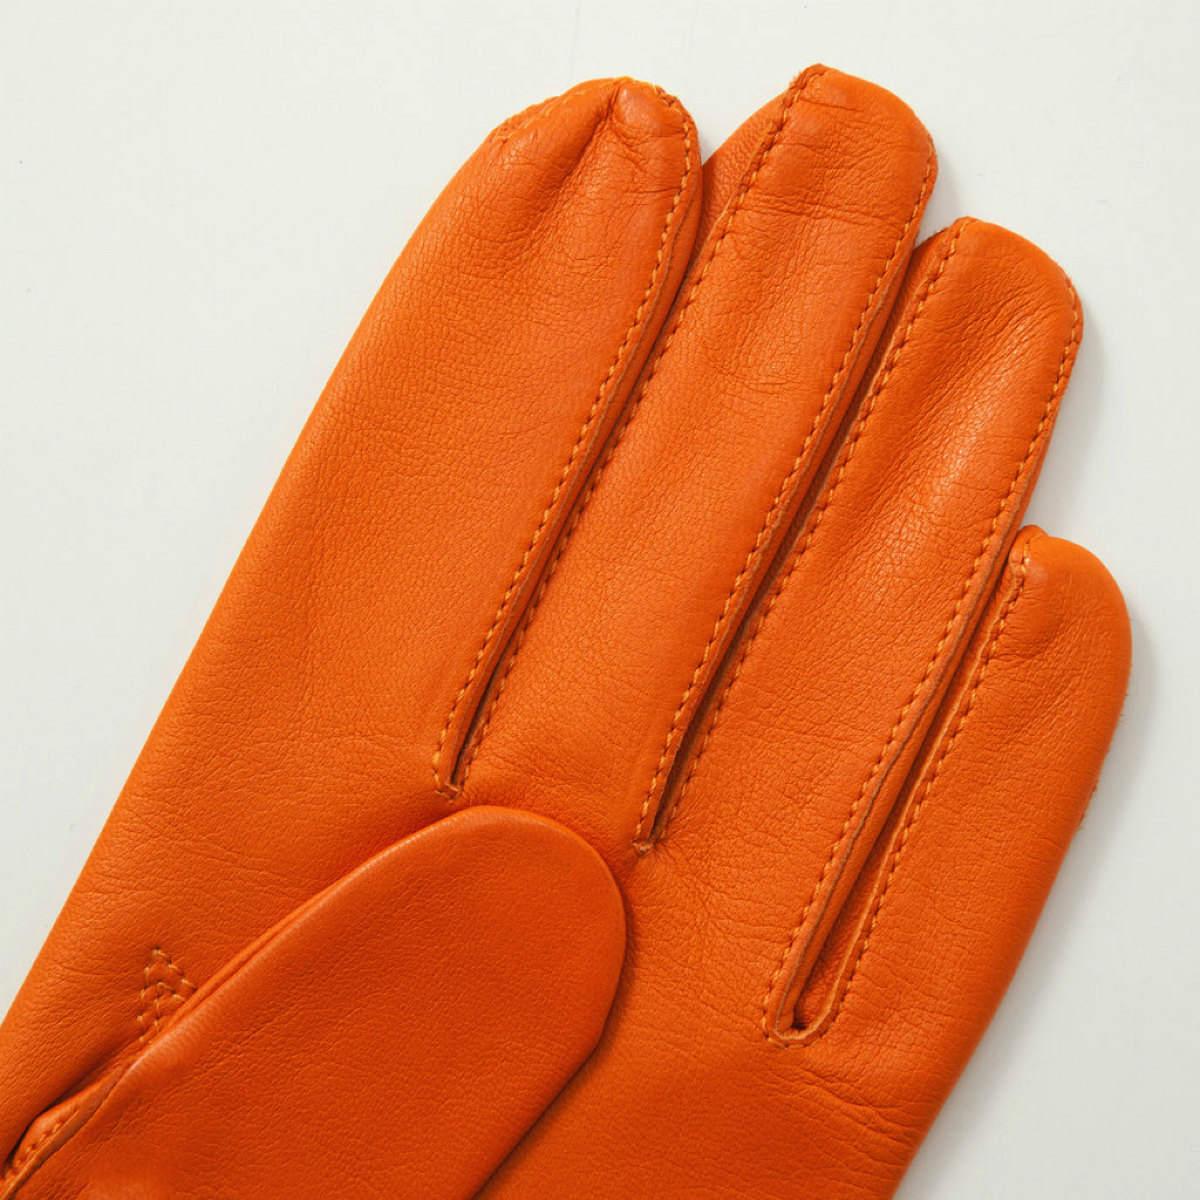 アルタクラッセ カプリガンティメンズ革手袋裏地無しオレンジ